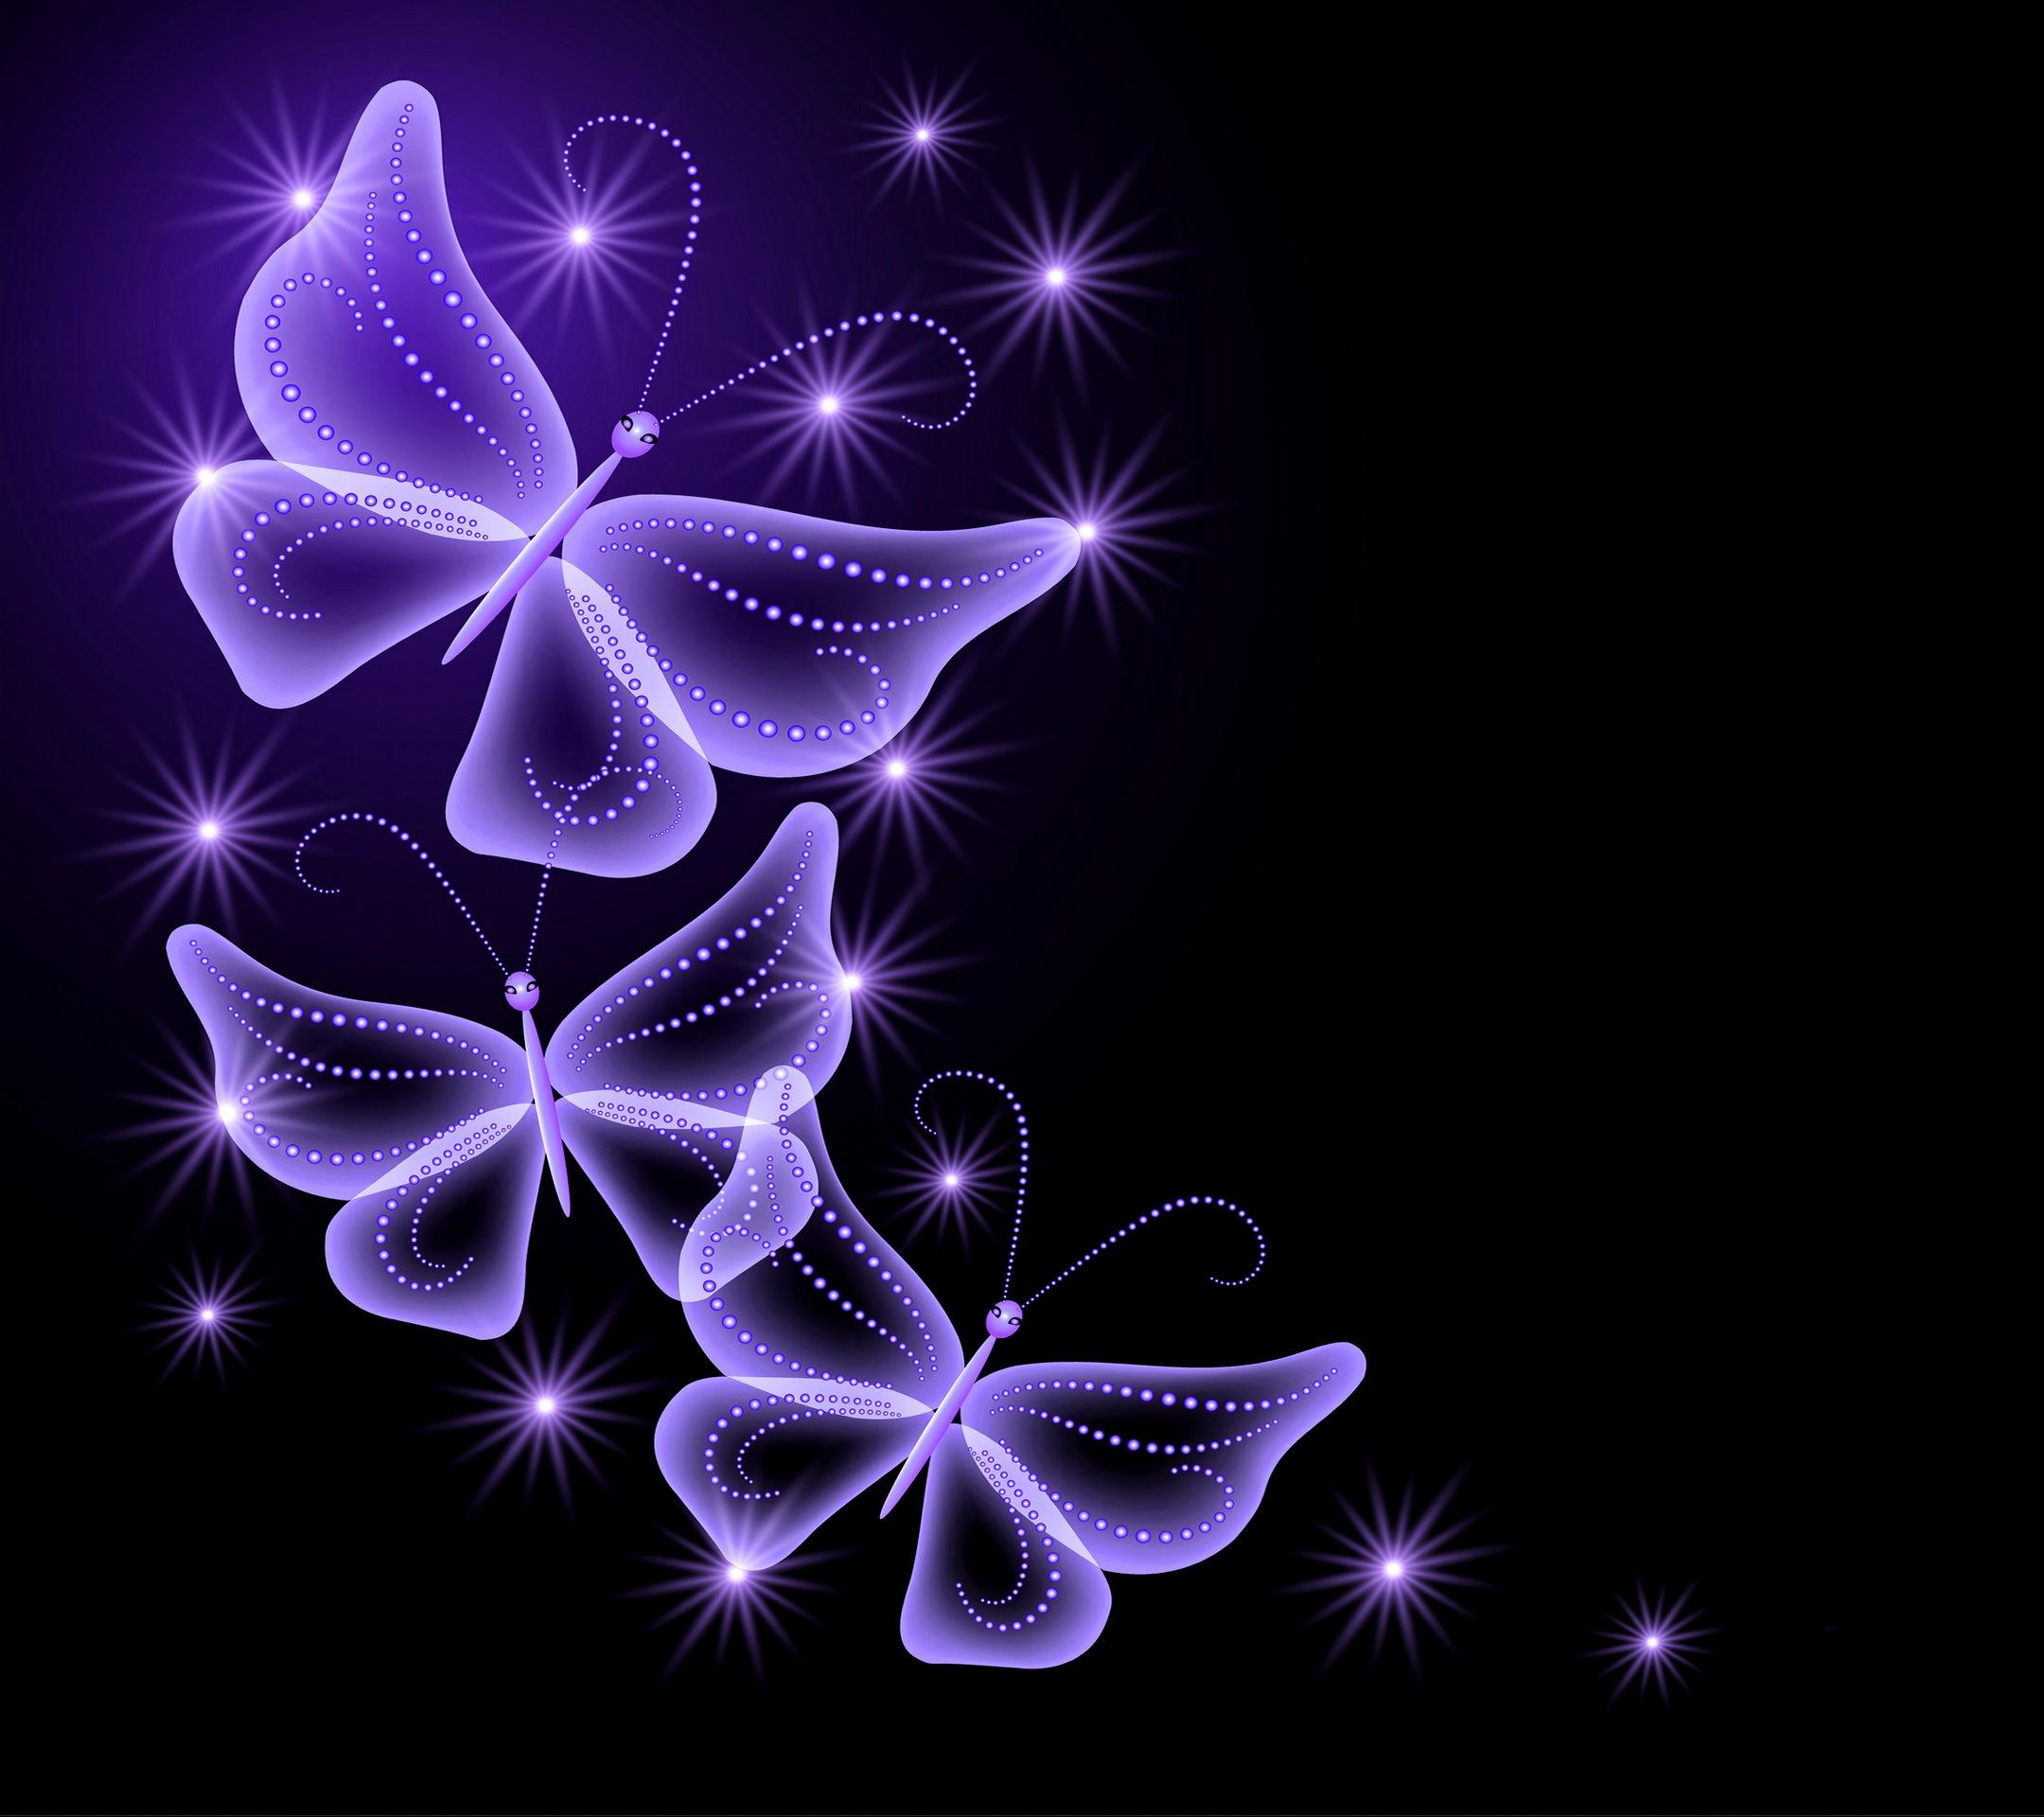 Purple Butterfly Backgrounds - WallpaperSafari